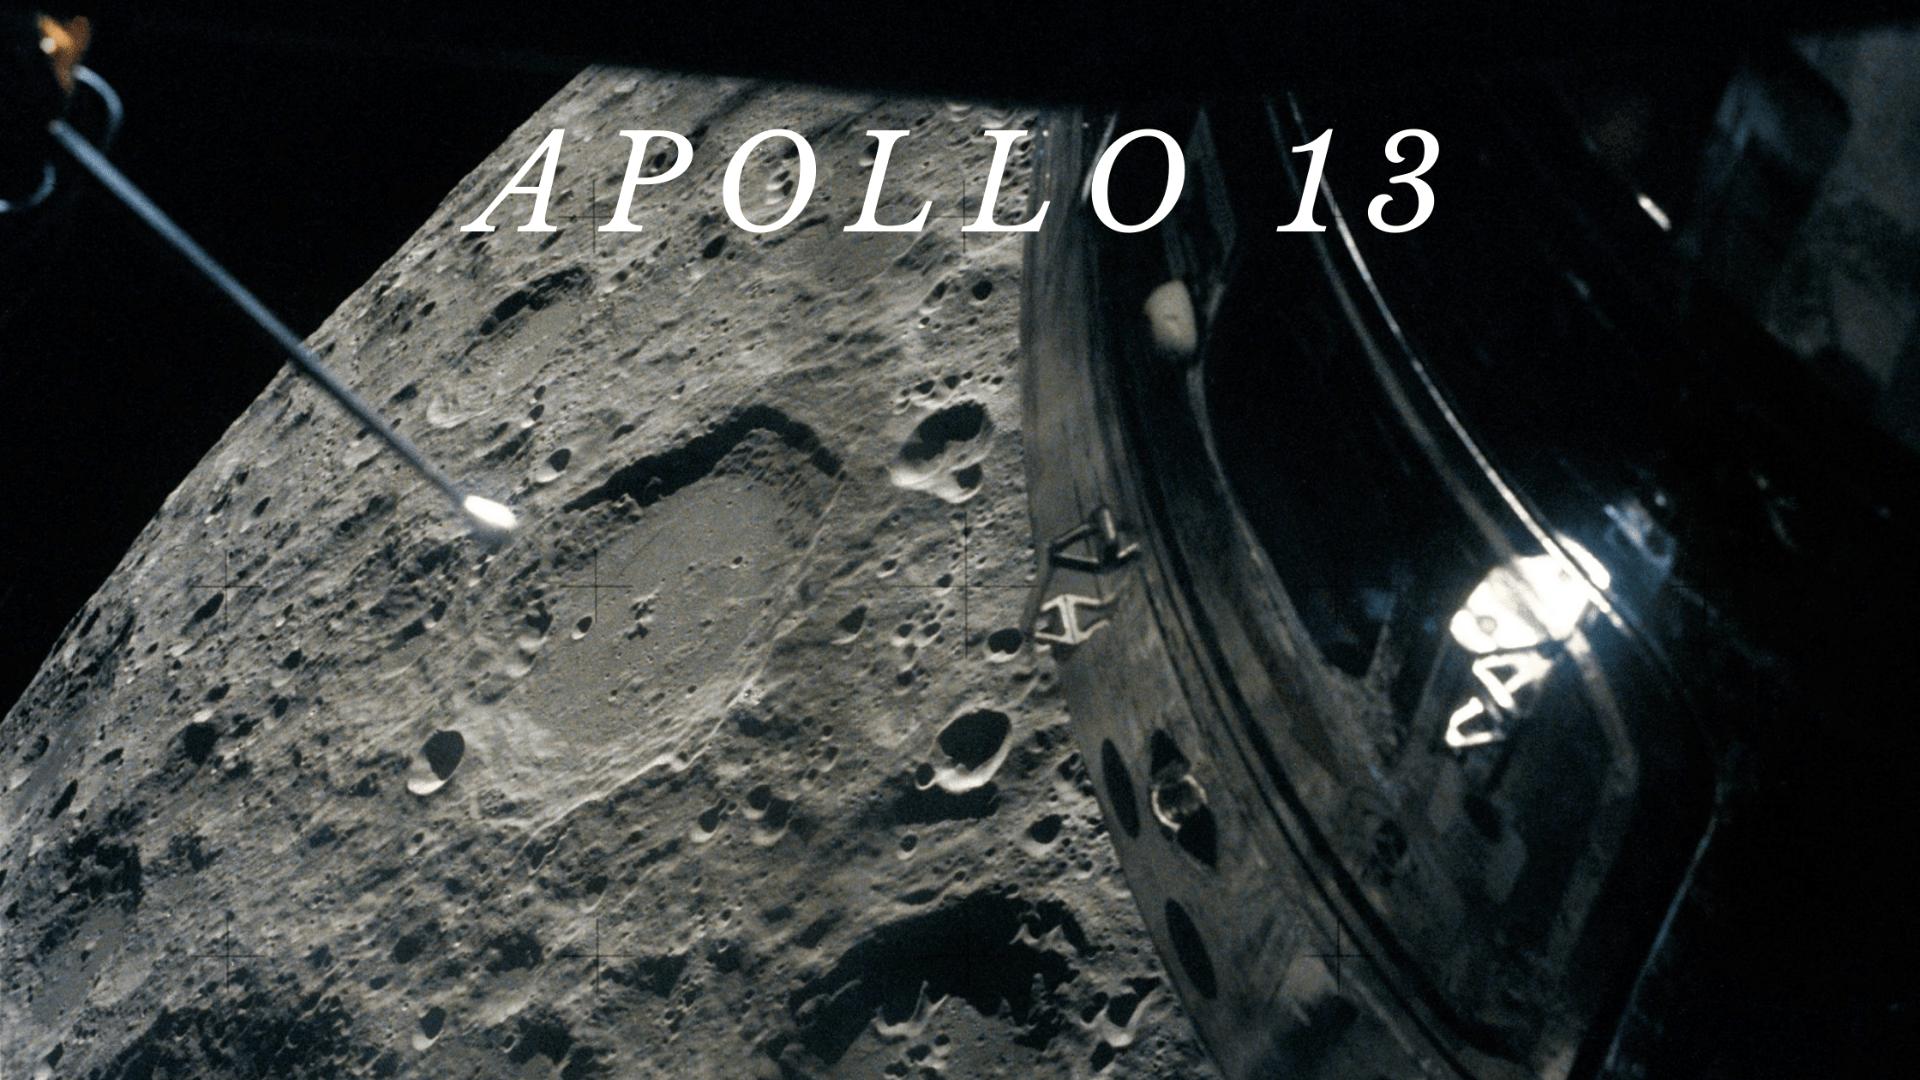 Apollo 13 header